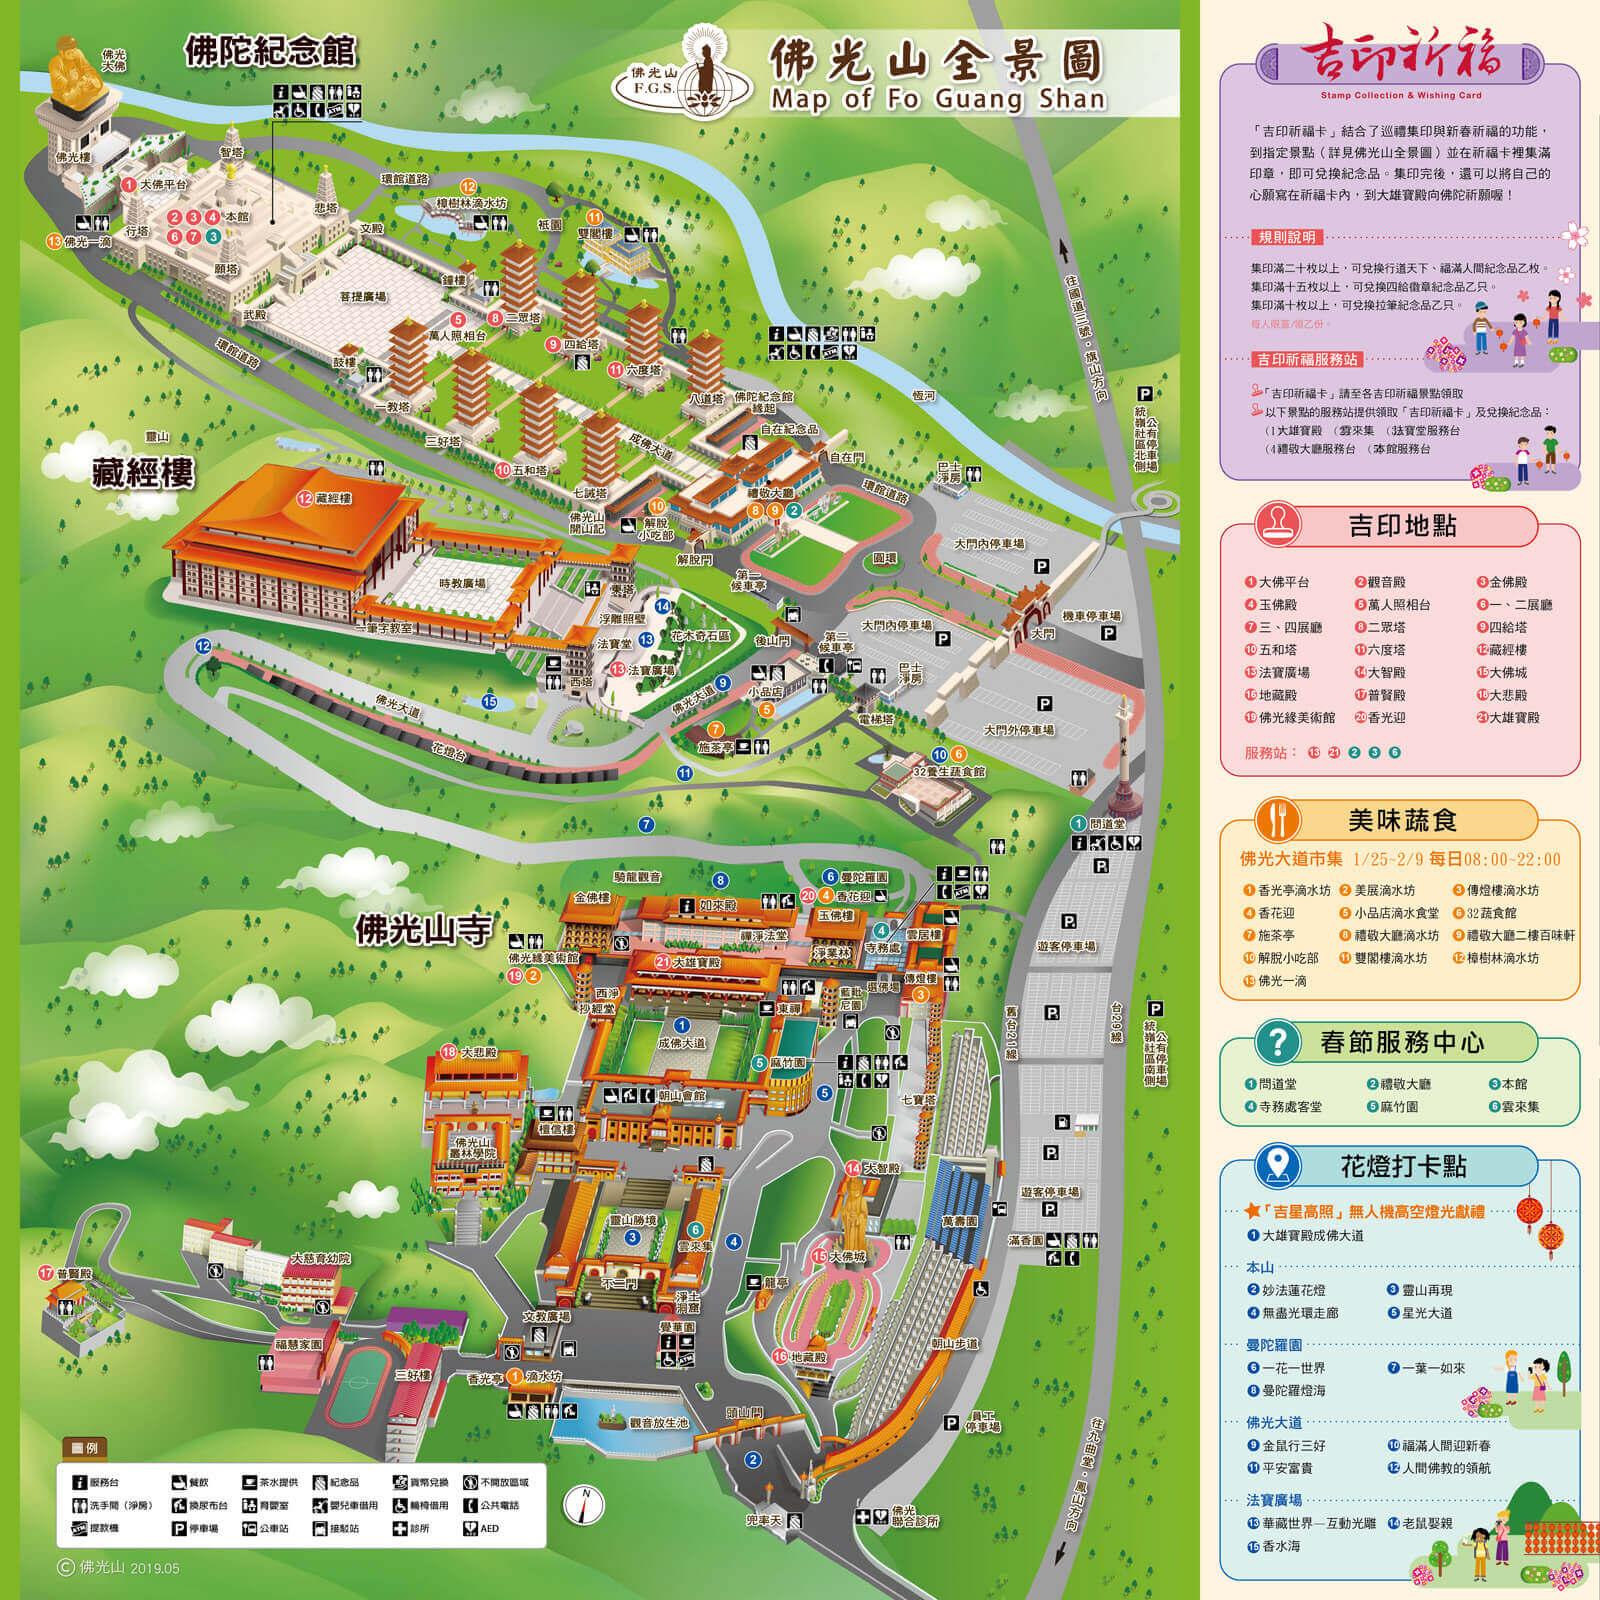 佛光山平面地圖